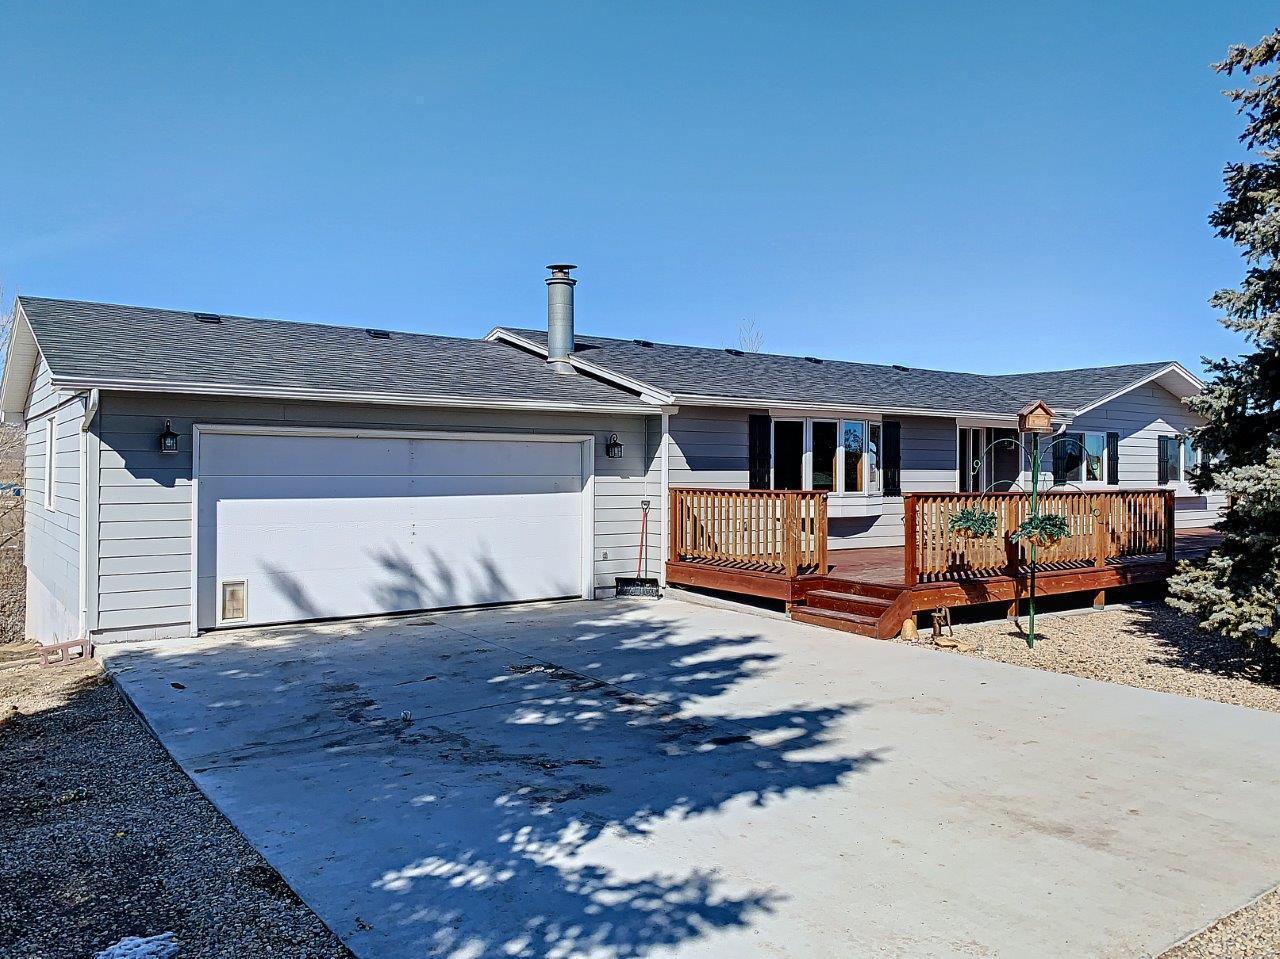 124 Cloud Peak Drive, Buffalo, Wyoming 82834, 4 Bedrooms Bedrooms, ,4 BathroomsBathrooms,Residential,For Sale,Cloud Peak,19-239